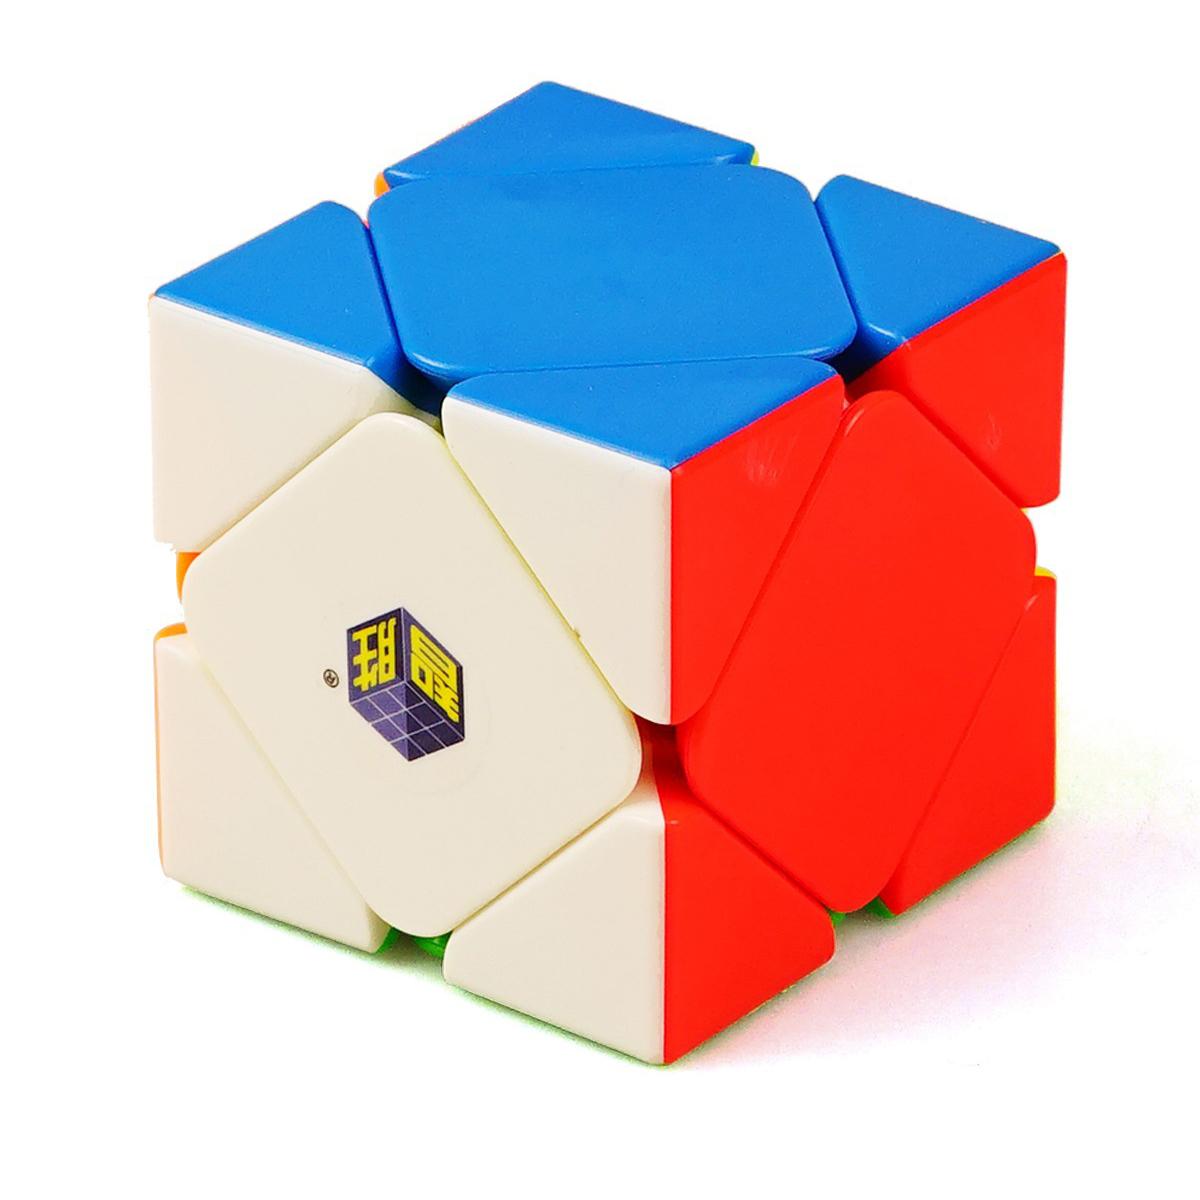 YUXIN ZHISHENGマジックパズルキューブハイスピードスマートキューブ知的発達玩具